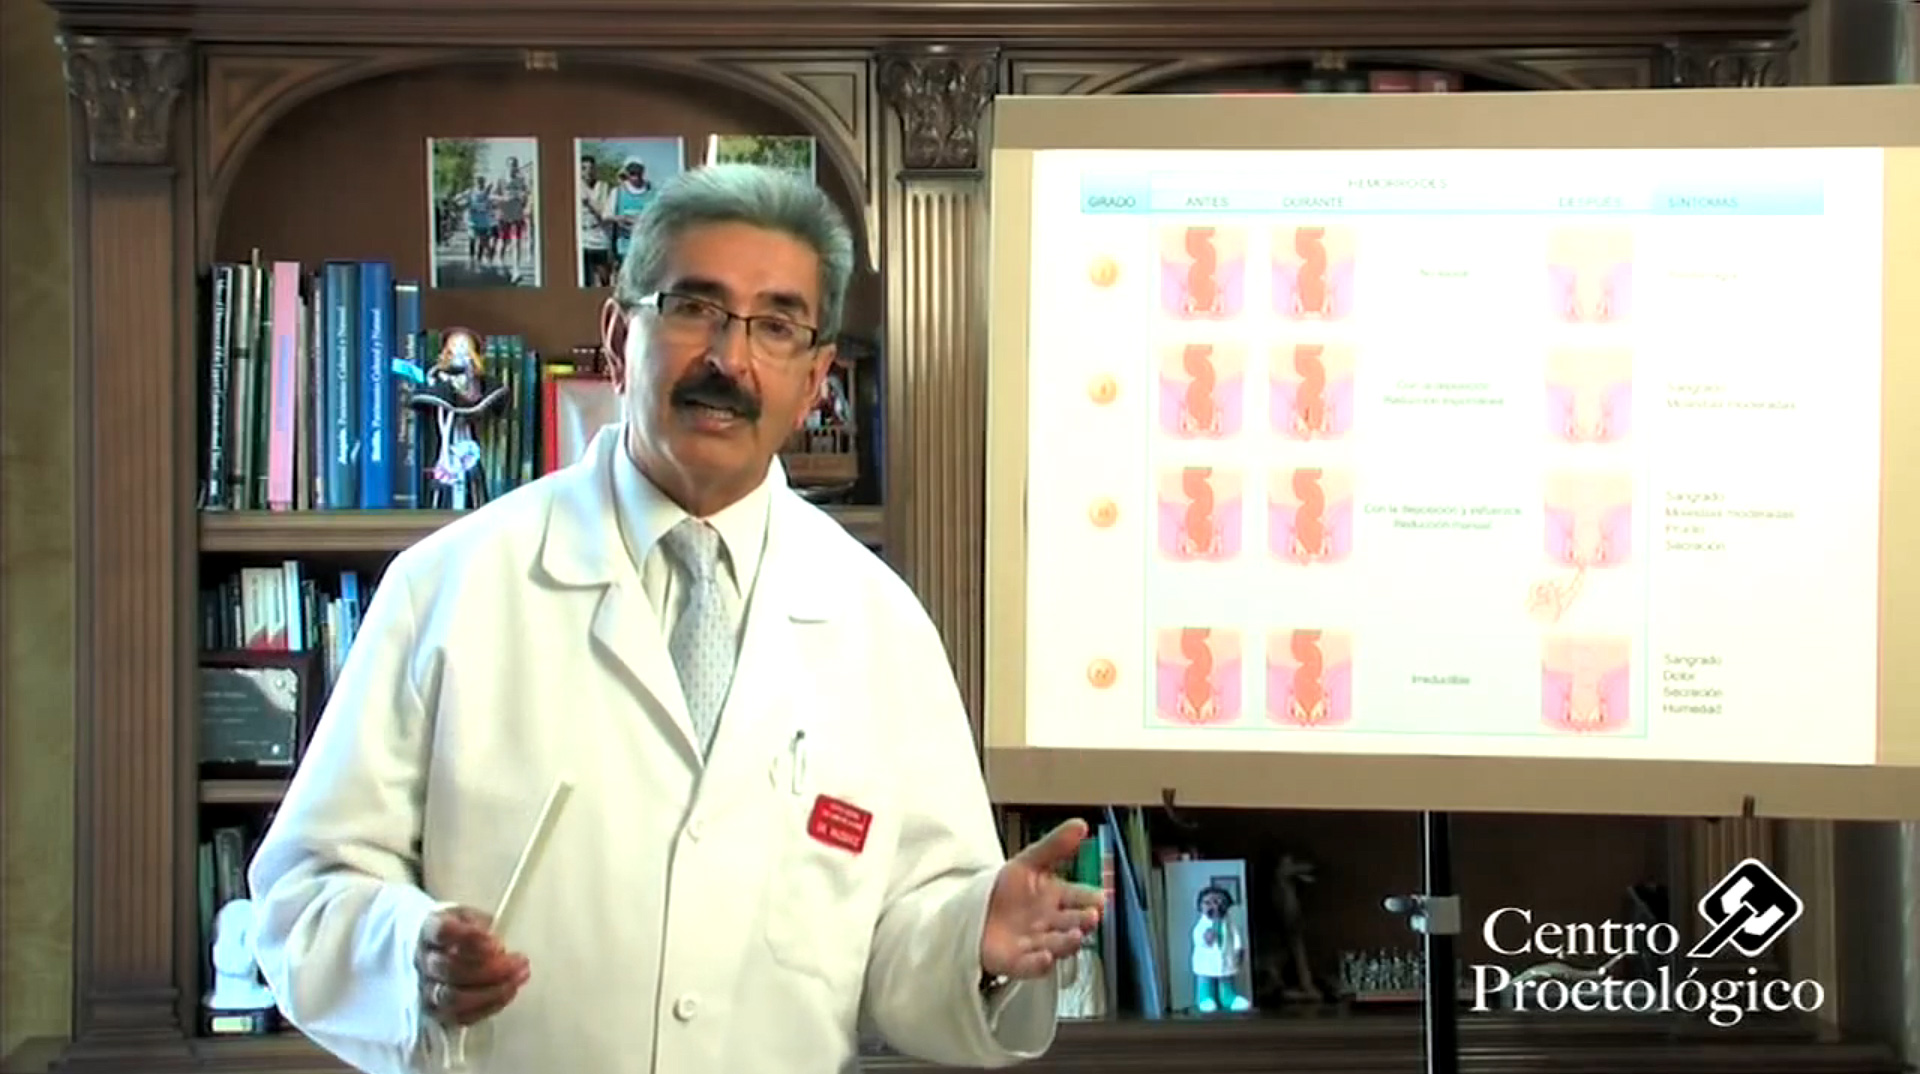 Șosete anti varicoasă tibiei Cancer de colon hemorroides